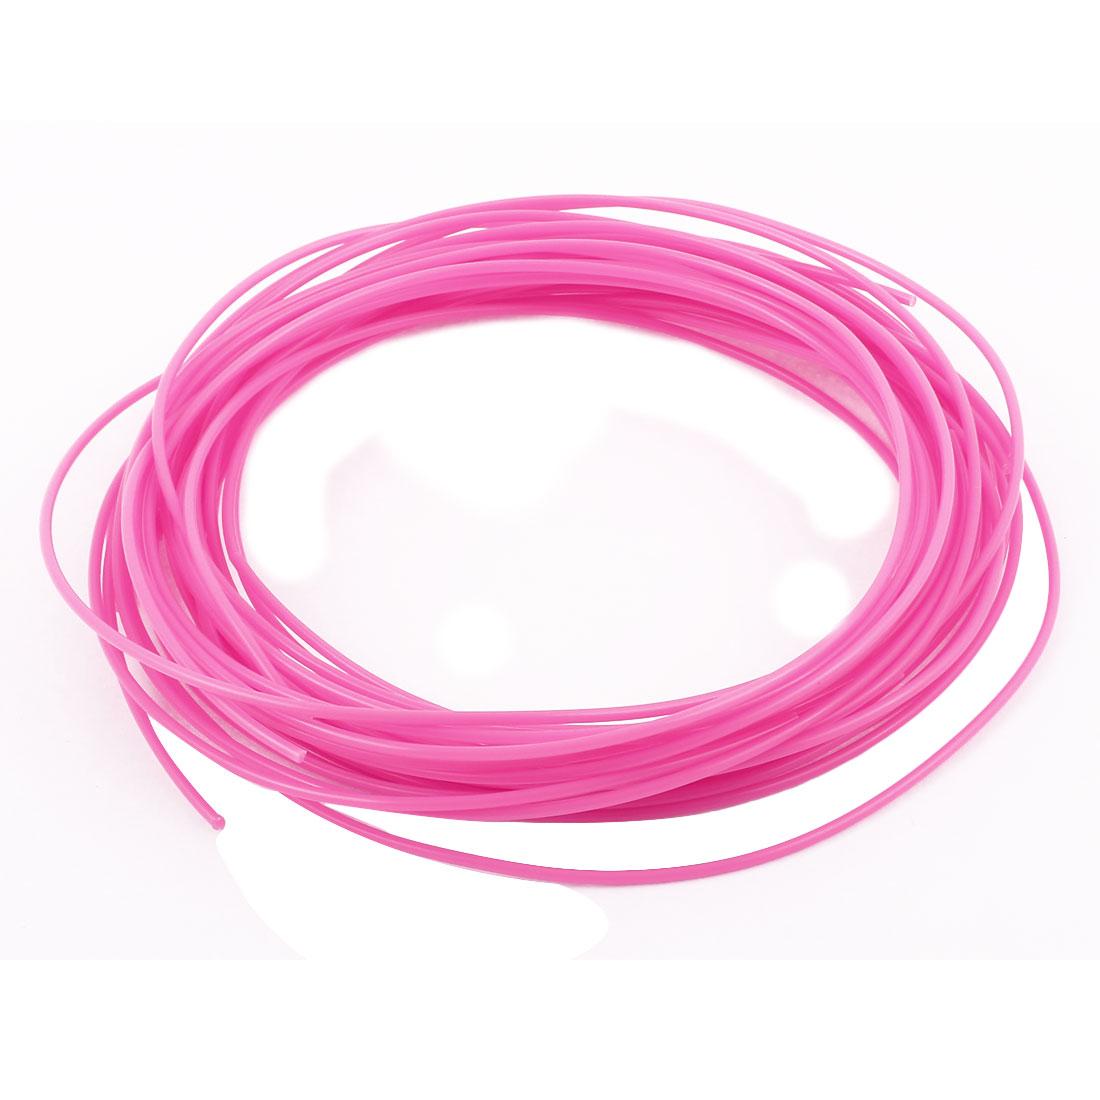 10m 3D Printer Pen Painting Filament Refills PLA Printing Material Pink